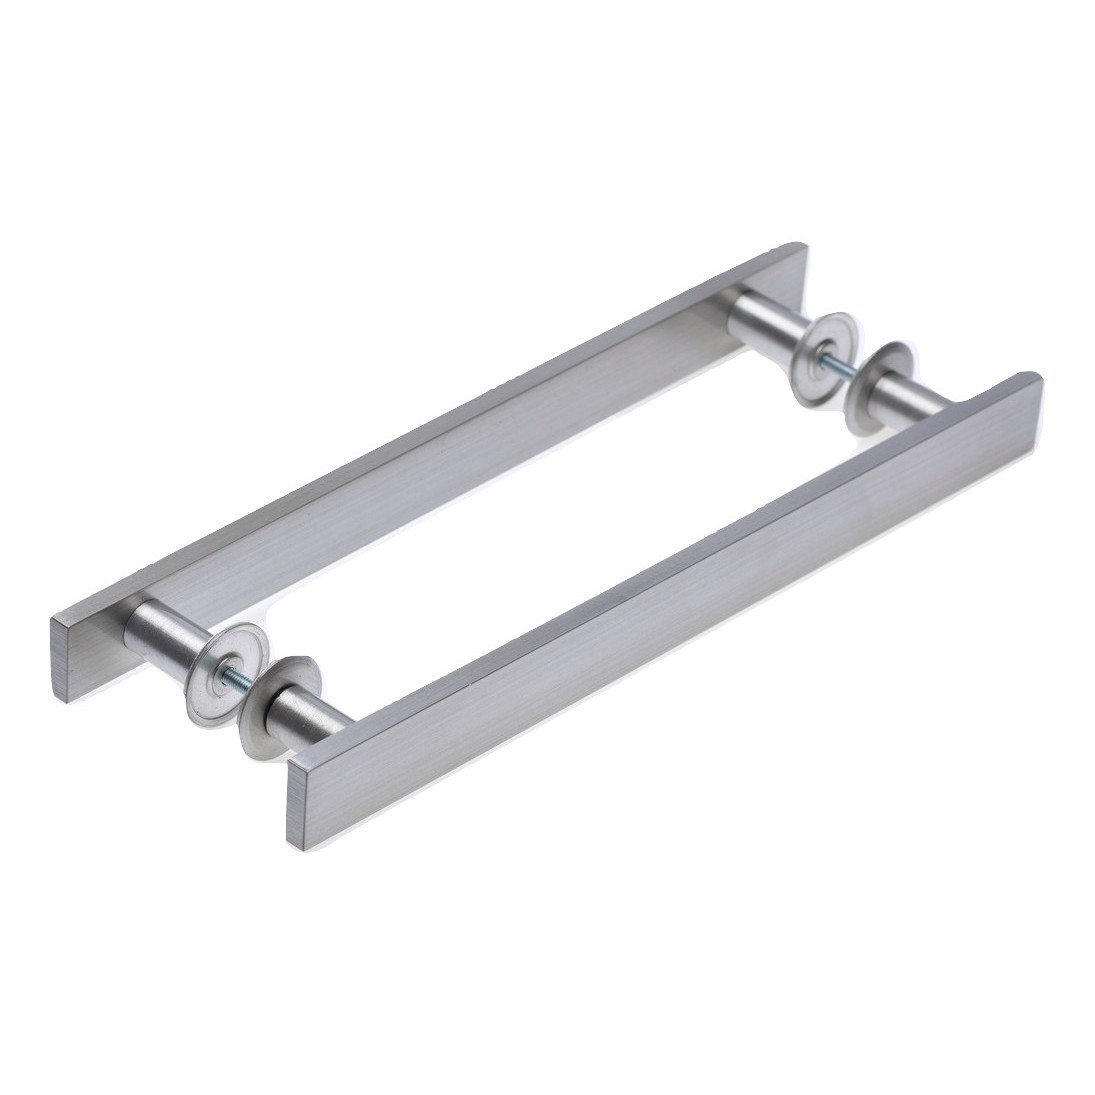 Puxador de Aluminio Escovado 600 mm - Paris Hastvel